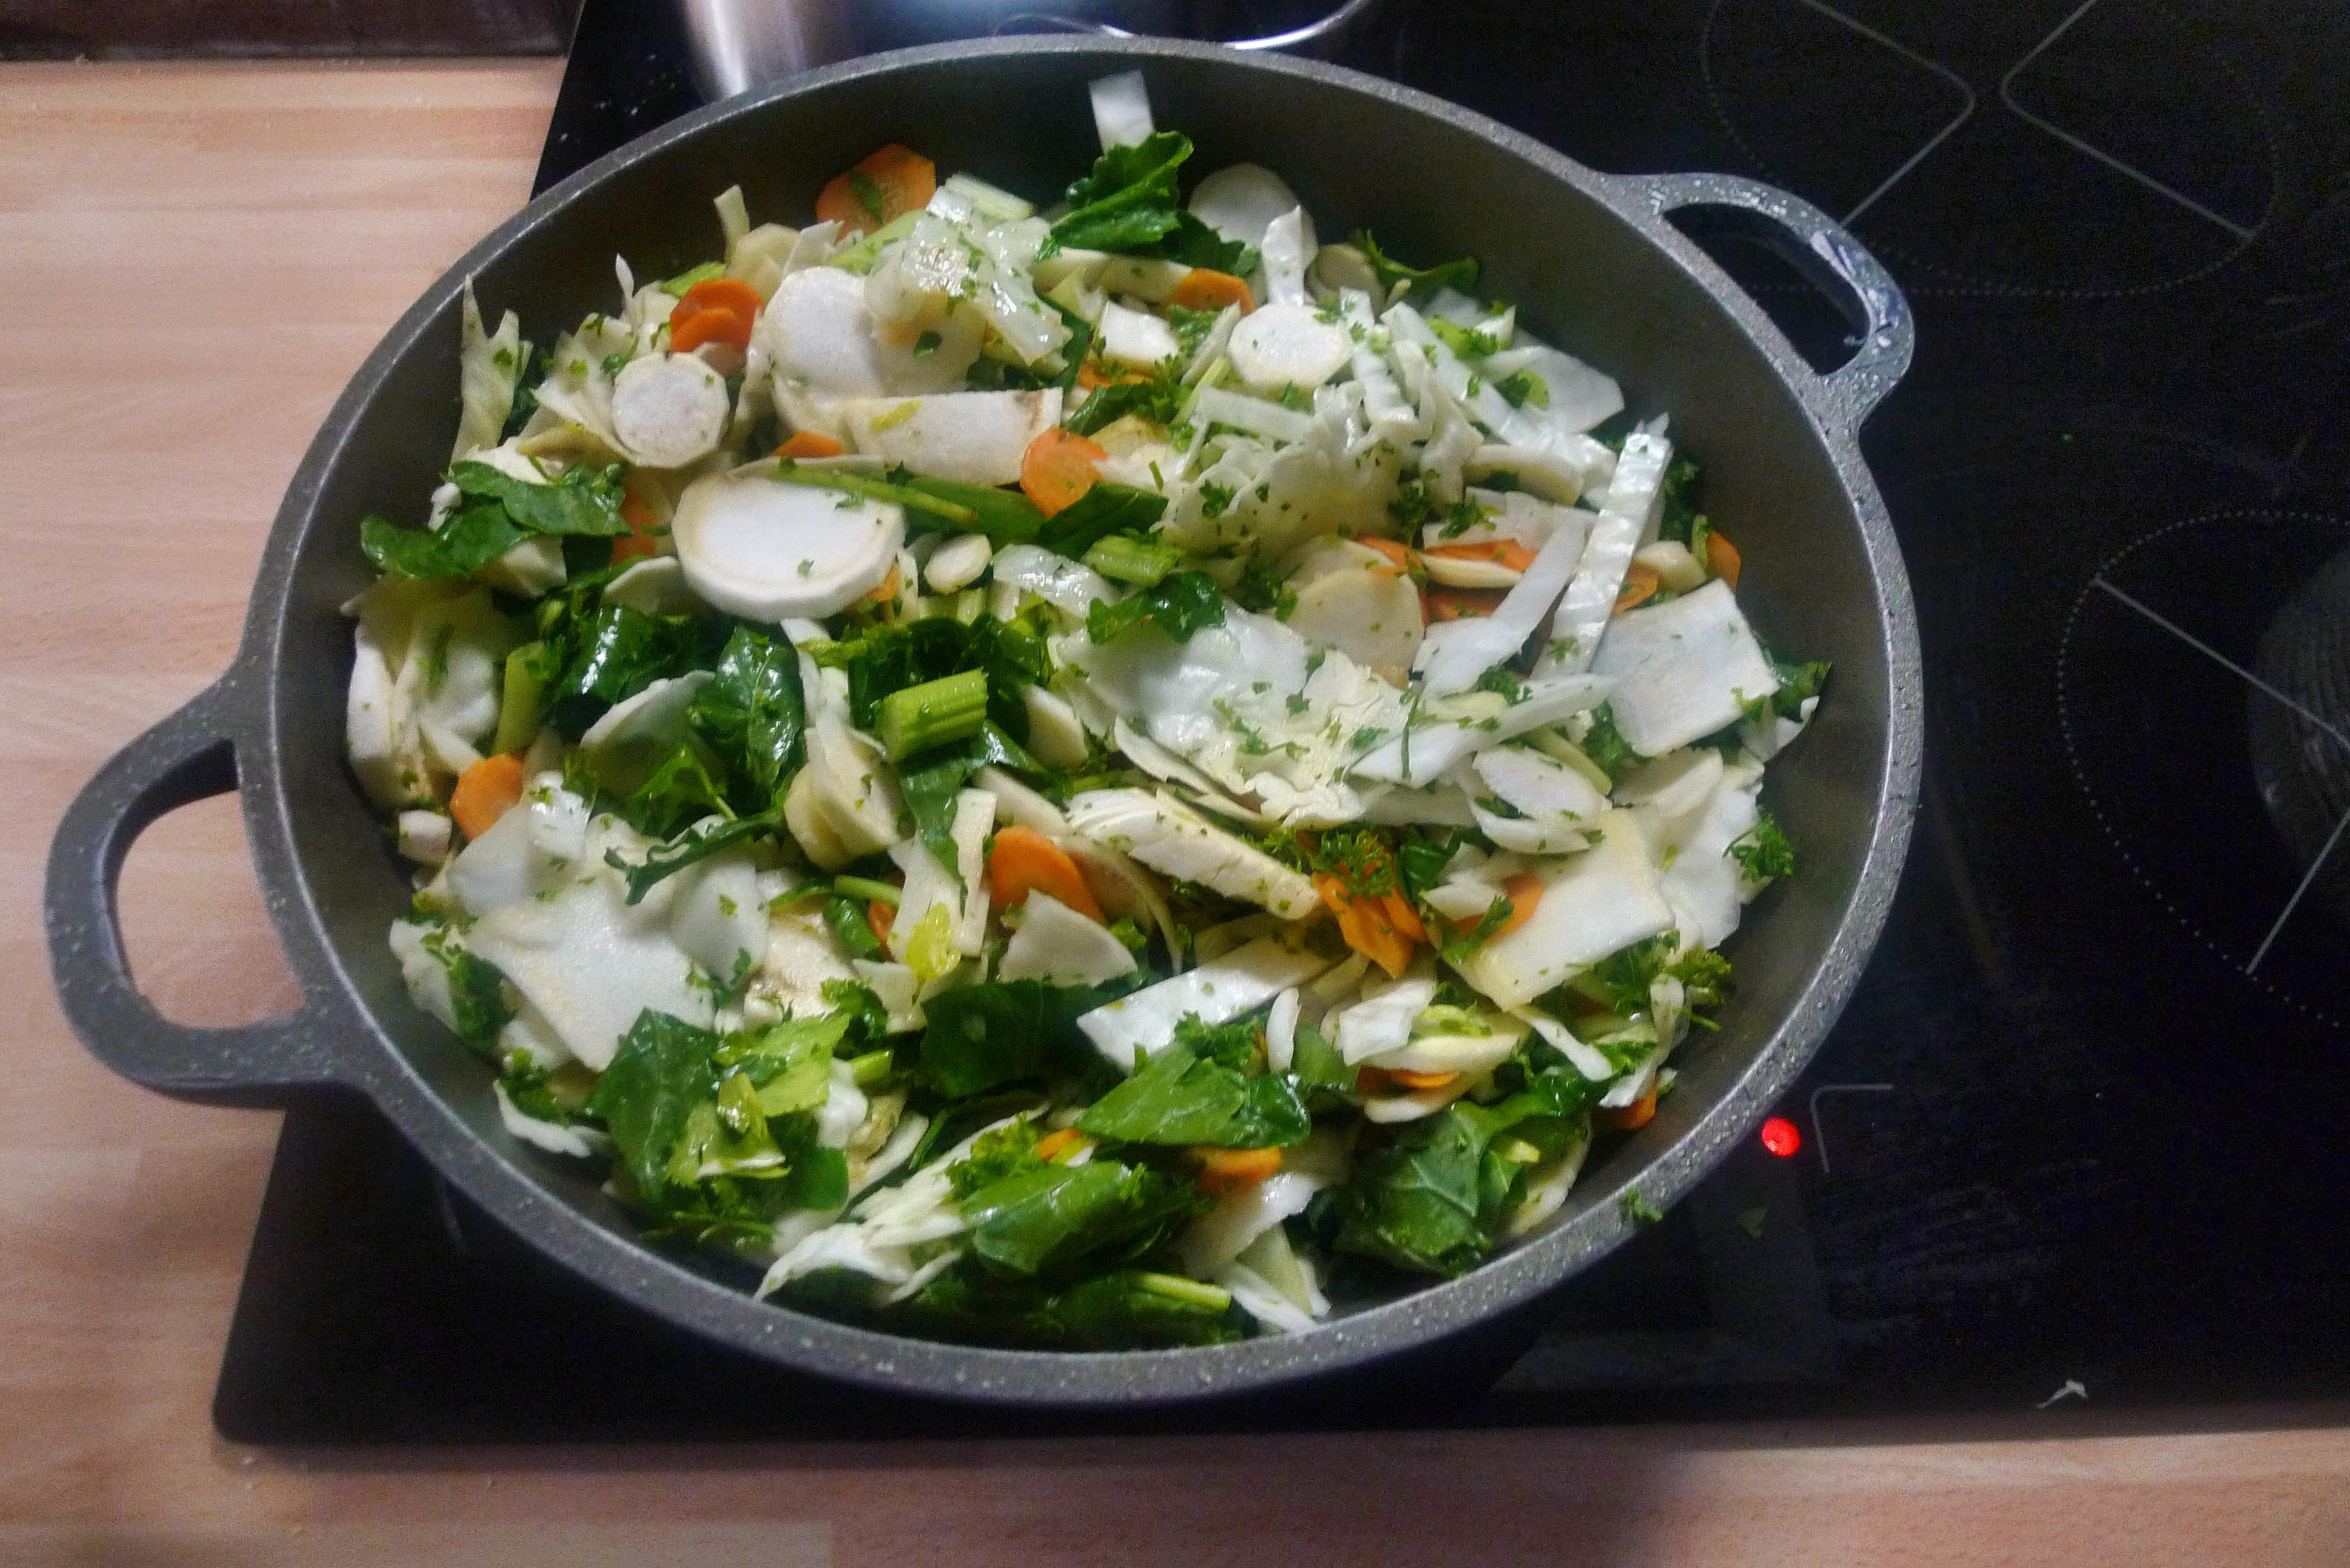 Gemüsepfanne-Reis-Champignon - 13.10.14   (8)